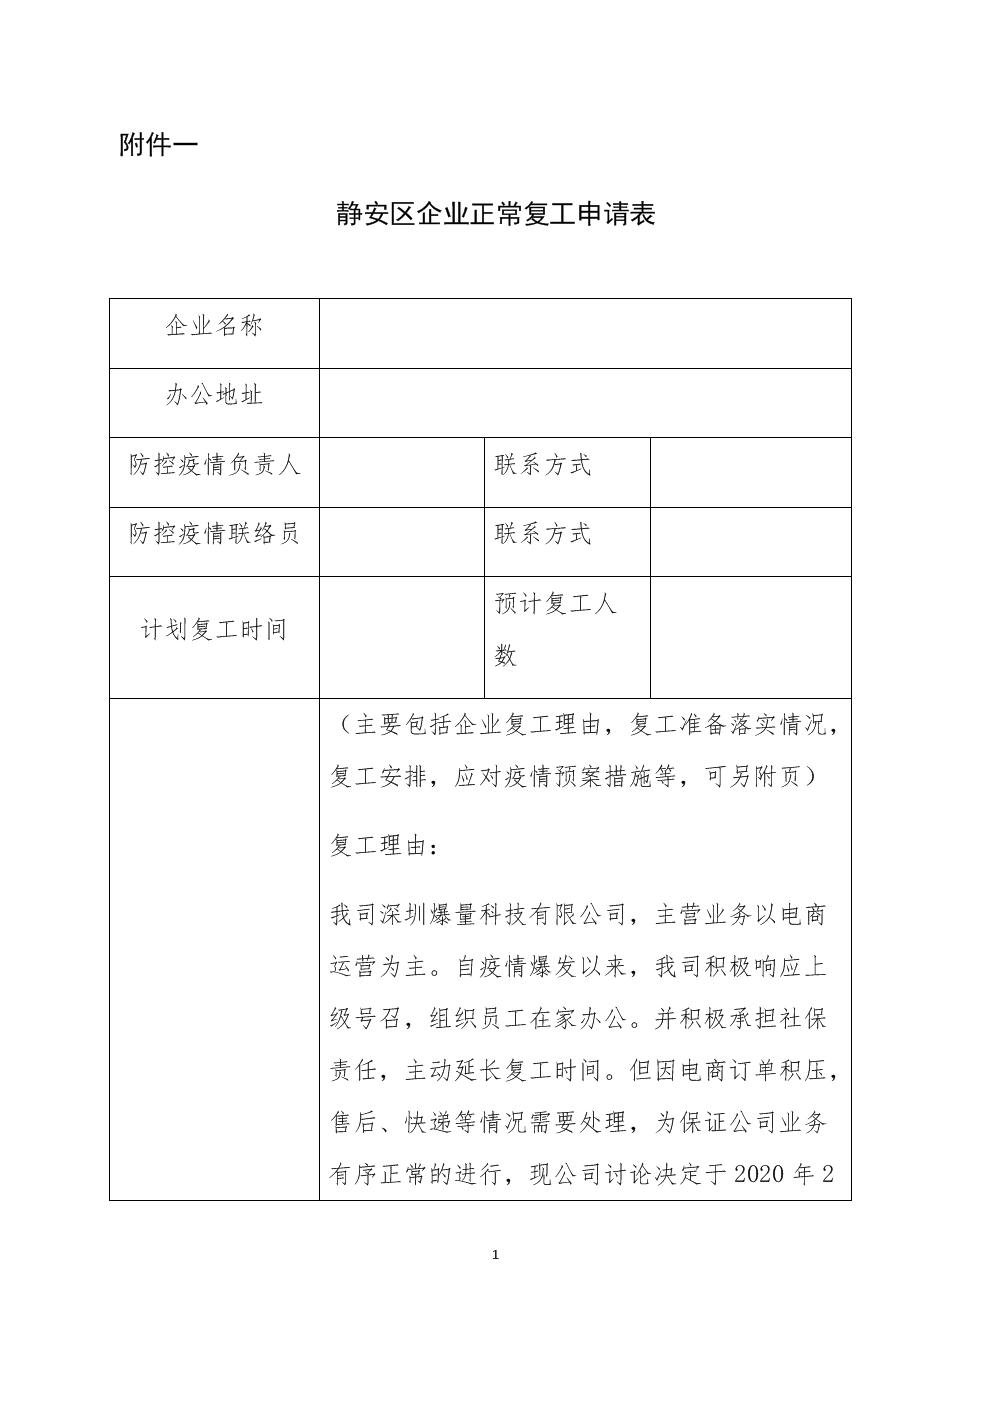 上海企业正常复工申请表.docx